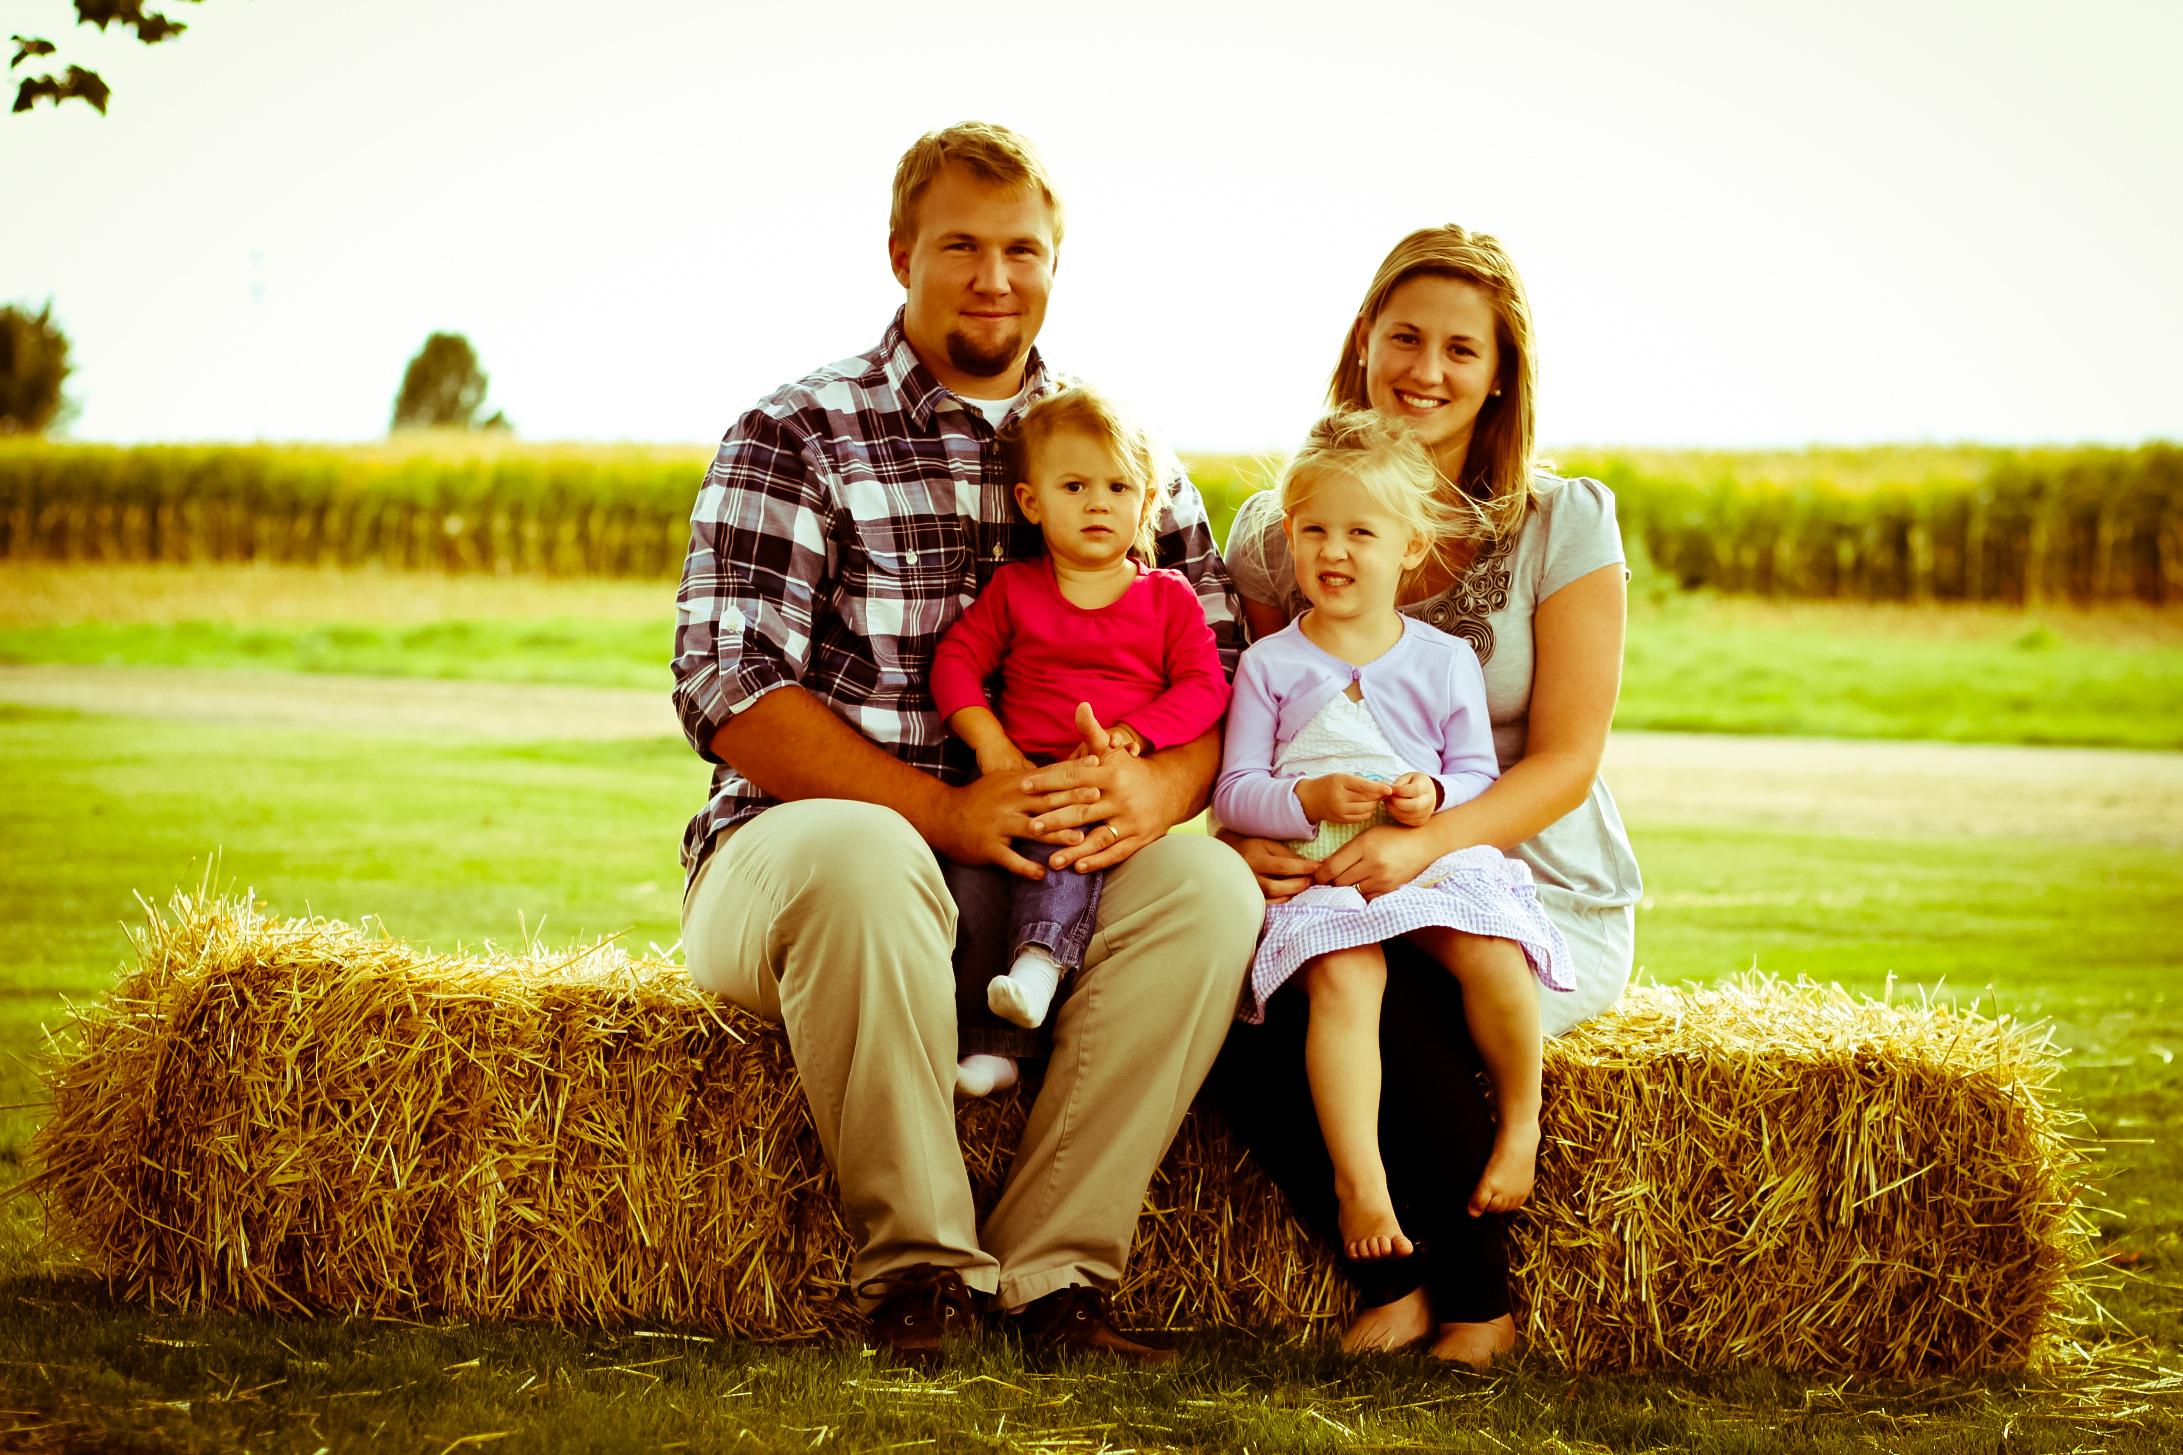 Fall Family Farm Photo Shoot - Chaunie Brusie  Fall Family Far...